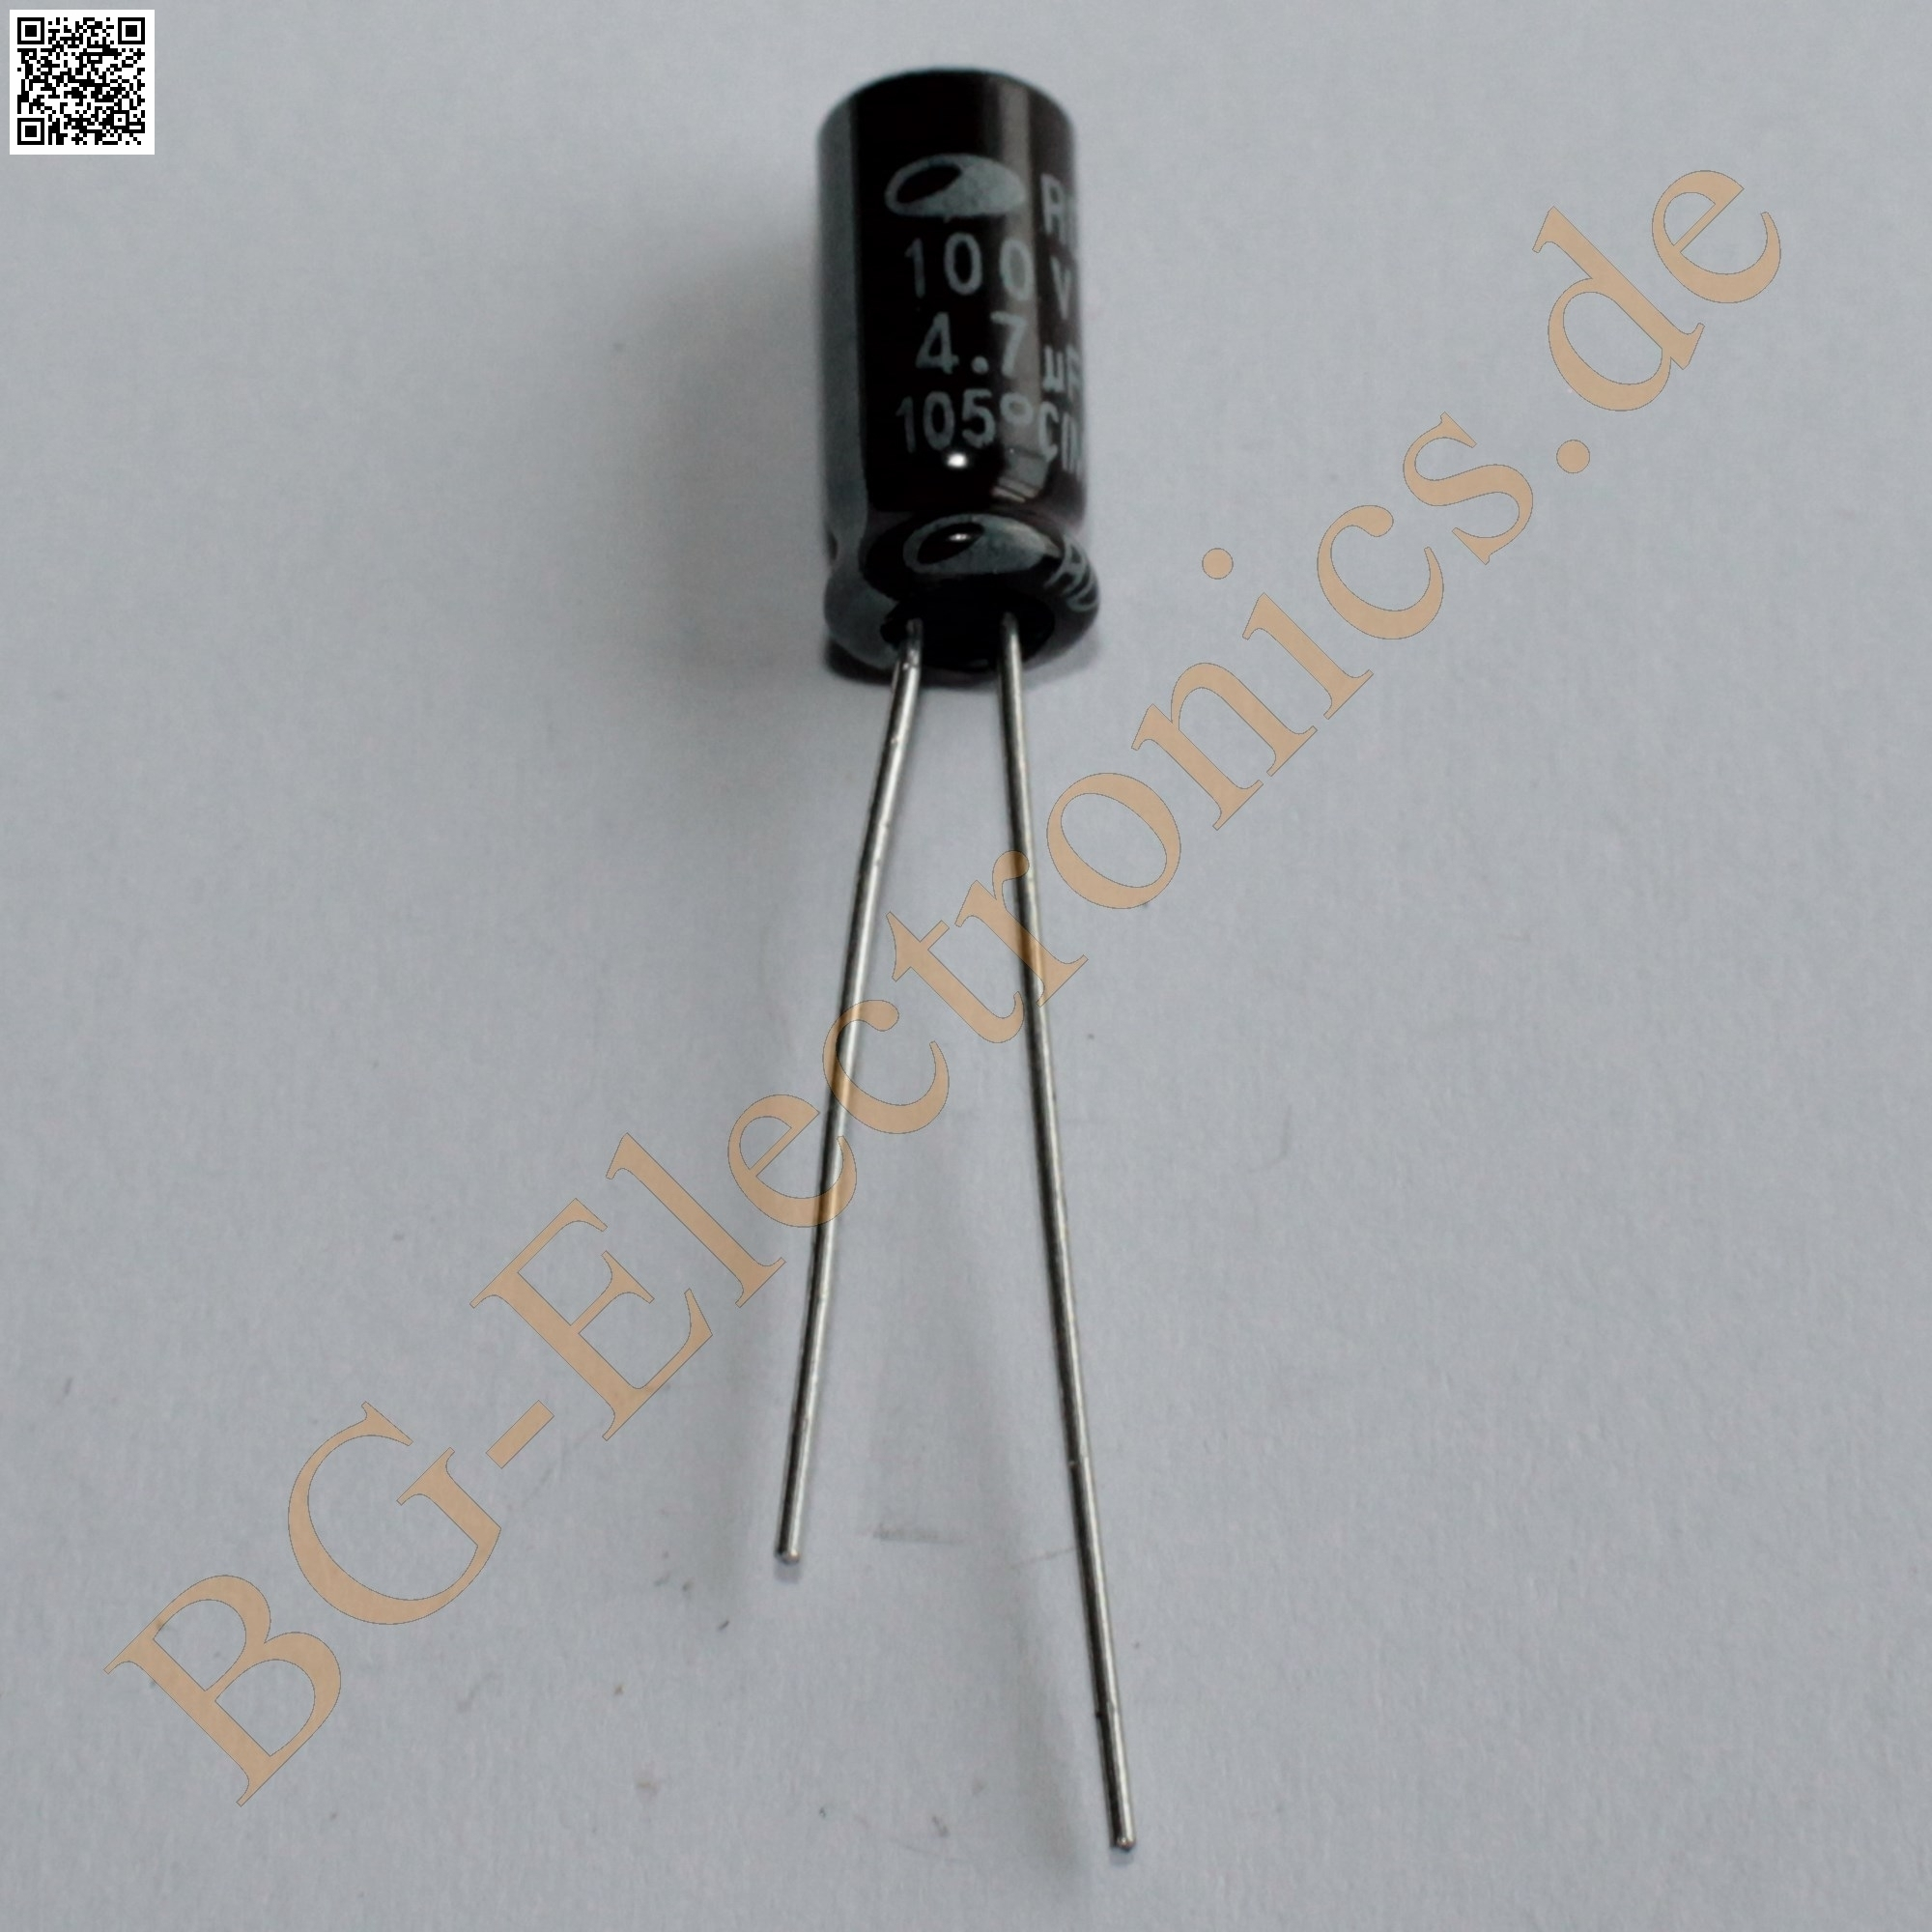 48.61.8.230.0060 Finder Industrie Koppel Relais 230V AC 1 Wechsler 16A